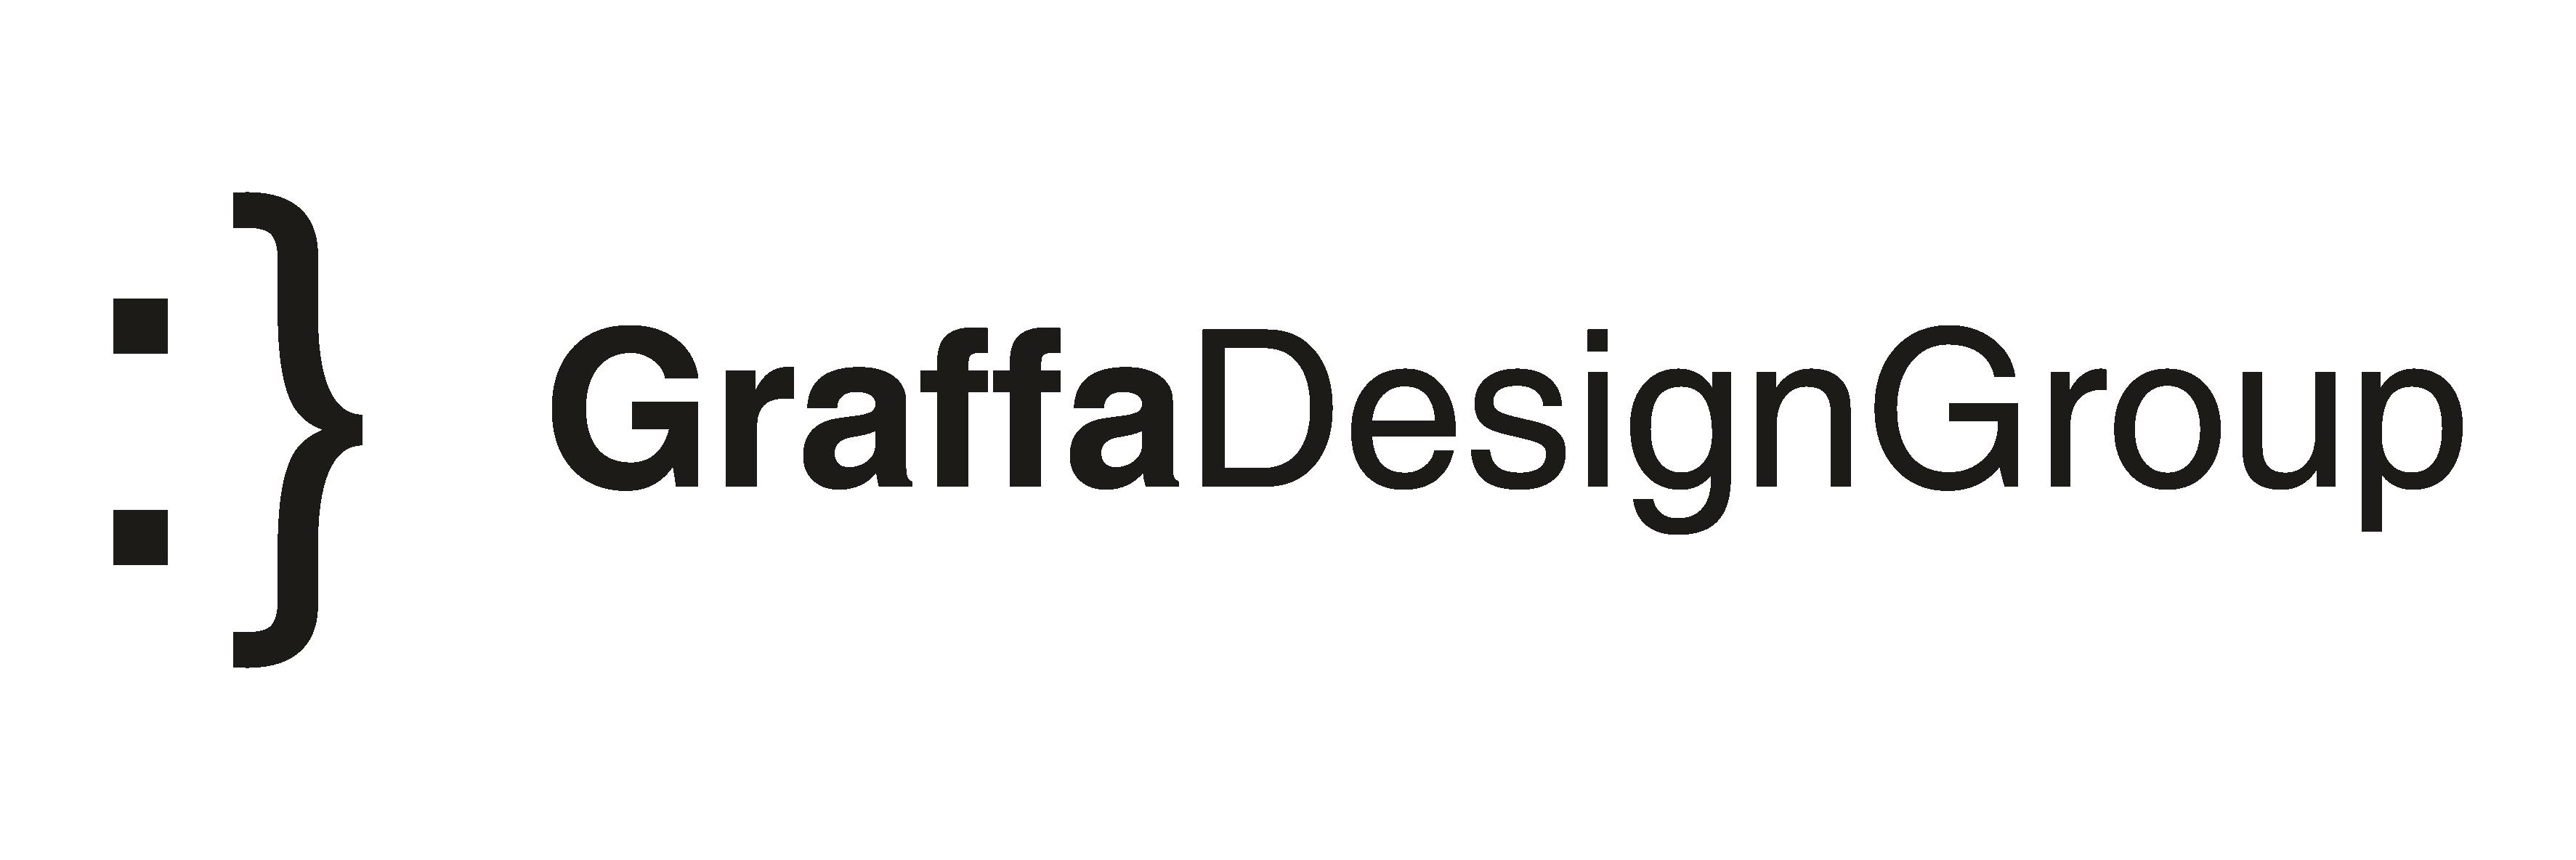 Graffa Design